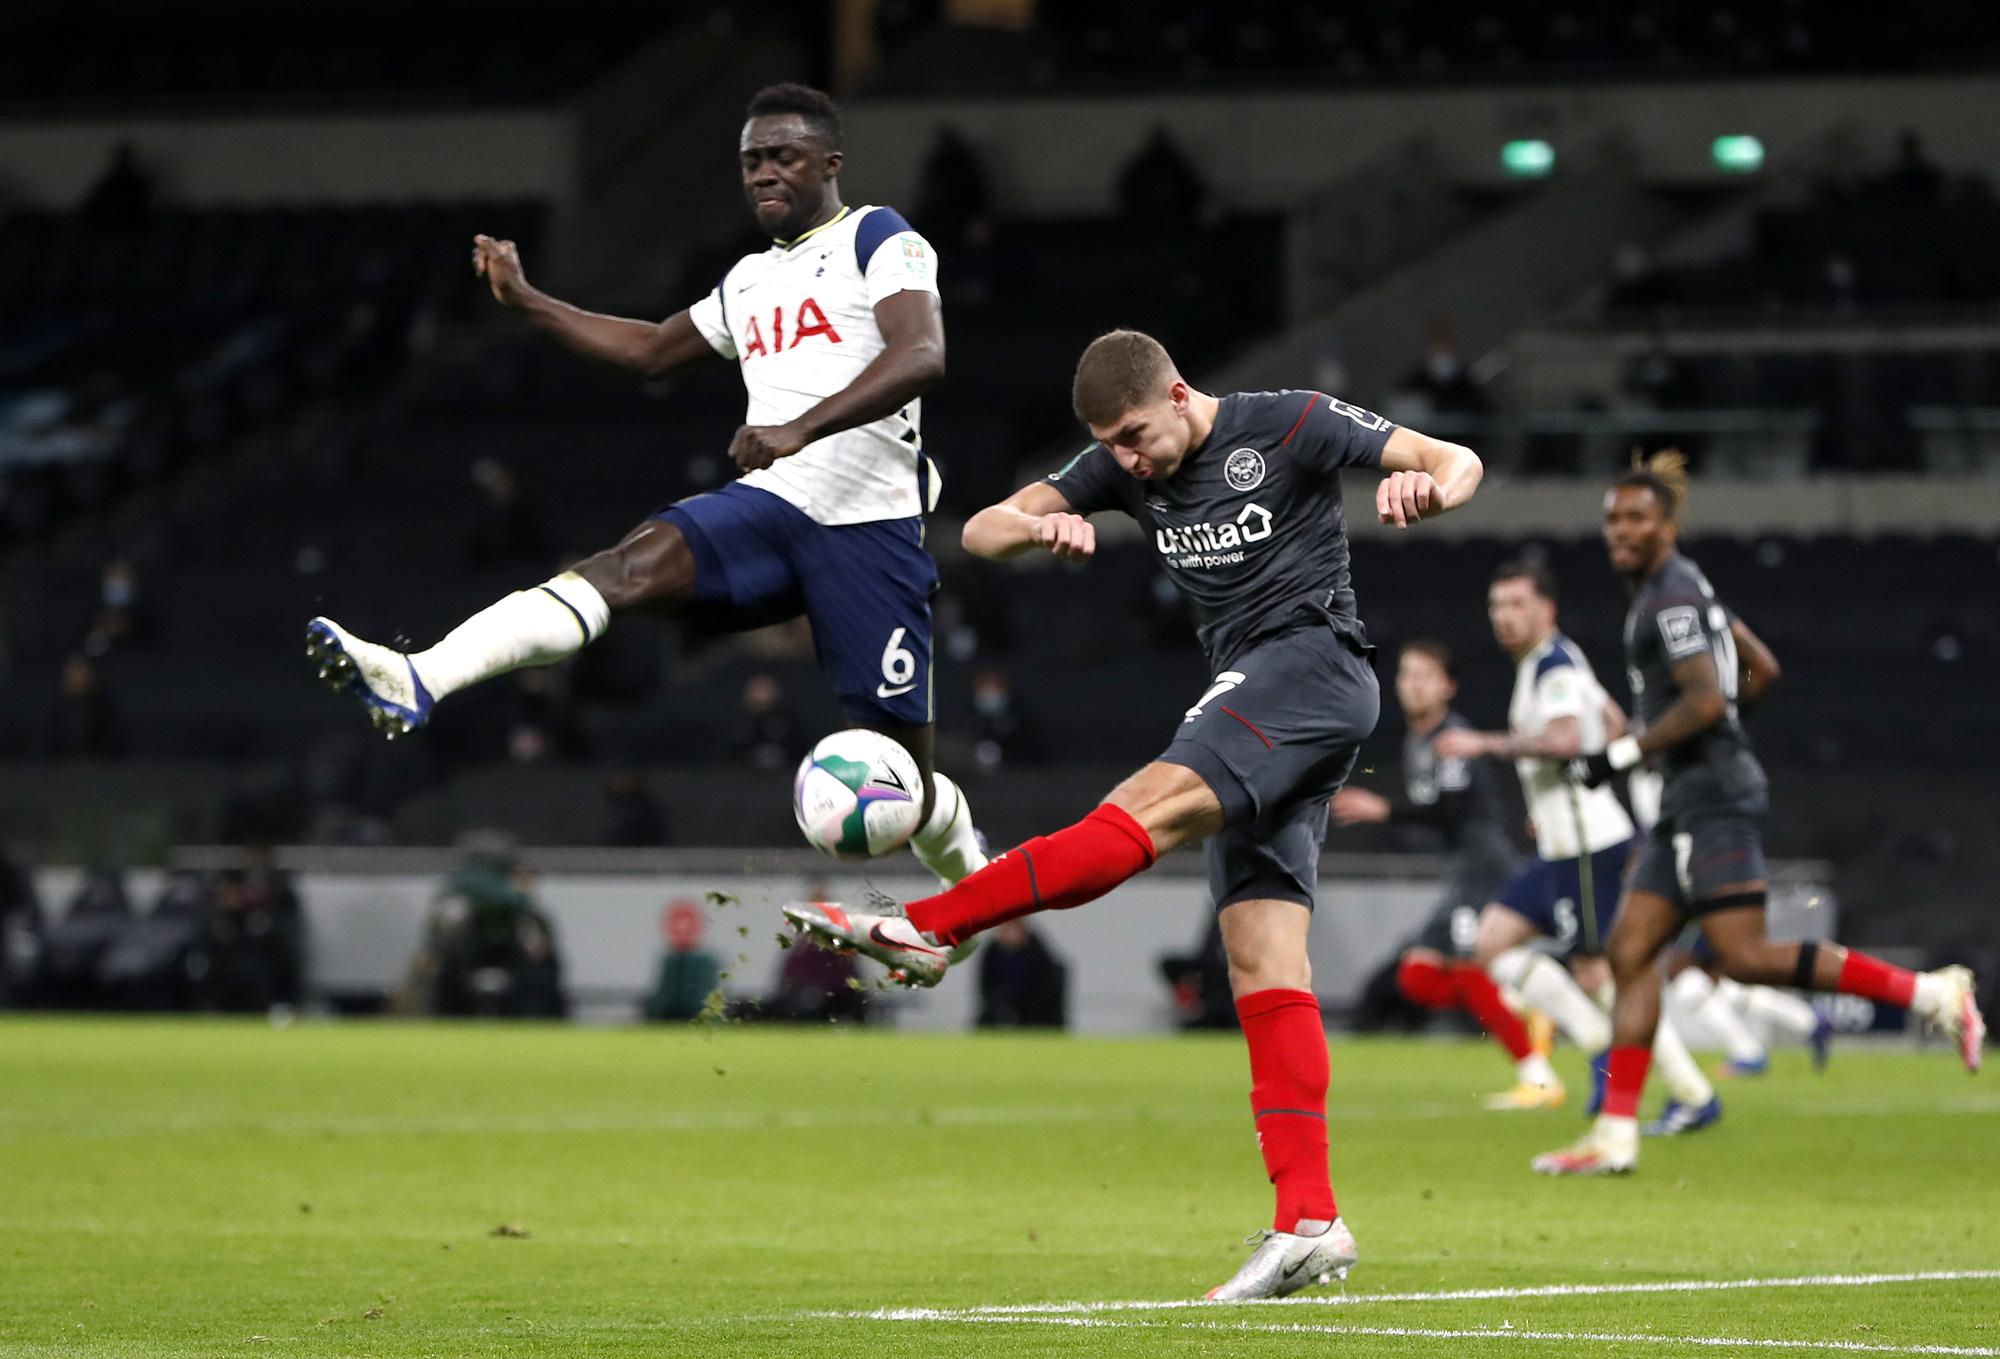 Hạ Brentford 2-0, Tottenham có vé dự trận chung kết đầu mùa - Ảnh 1.